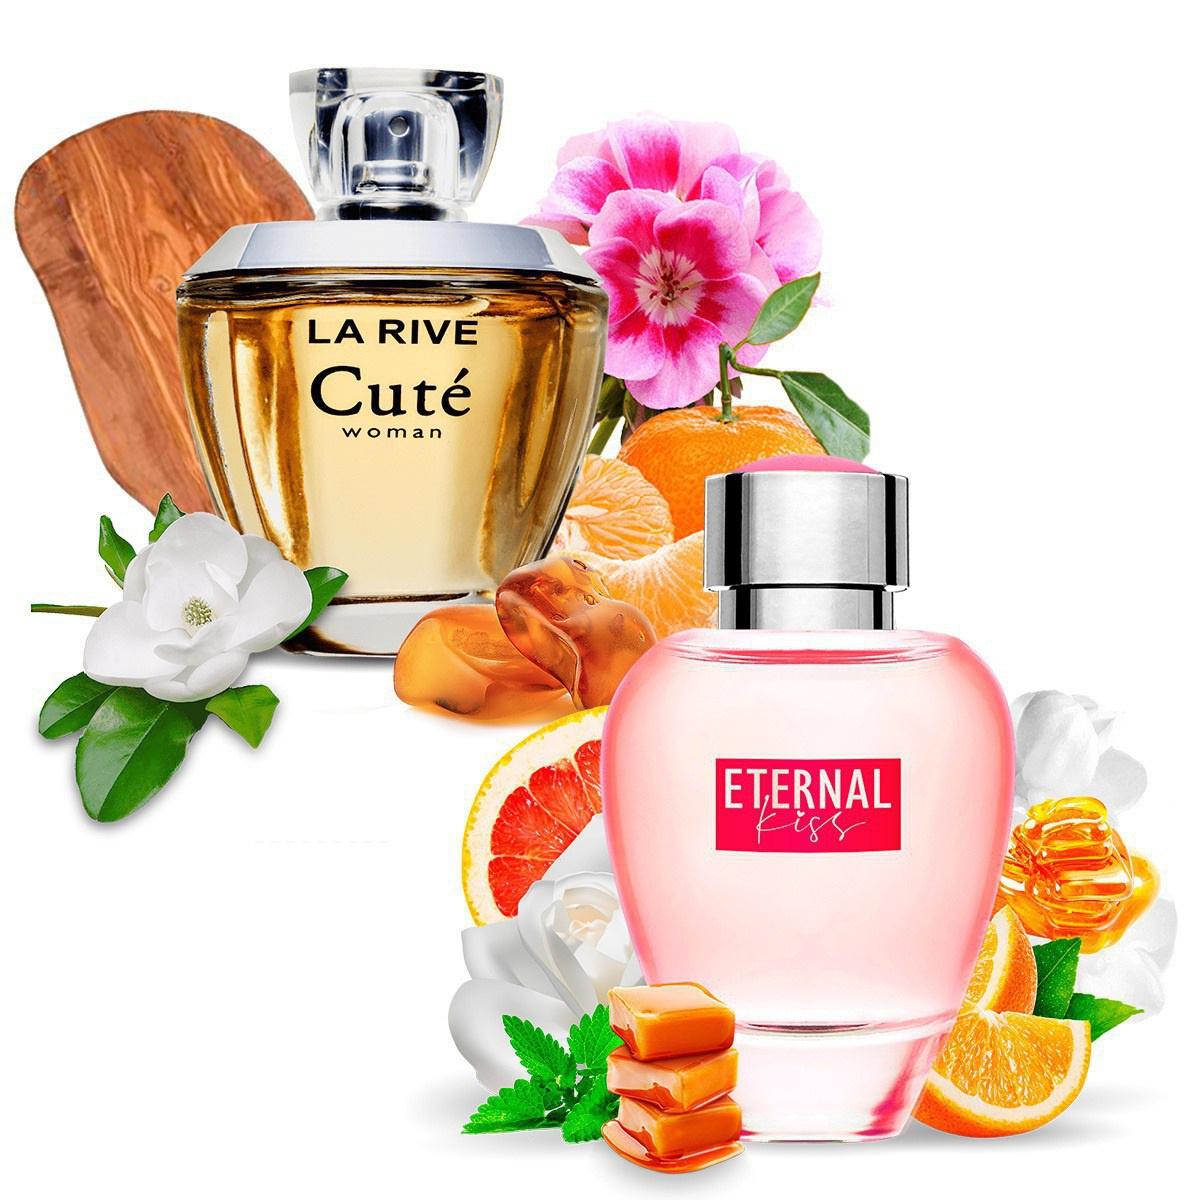 Kit 2 Perfumes Importados Cuté e Eternal Kiss La Rive